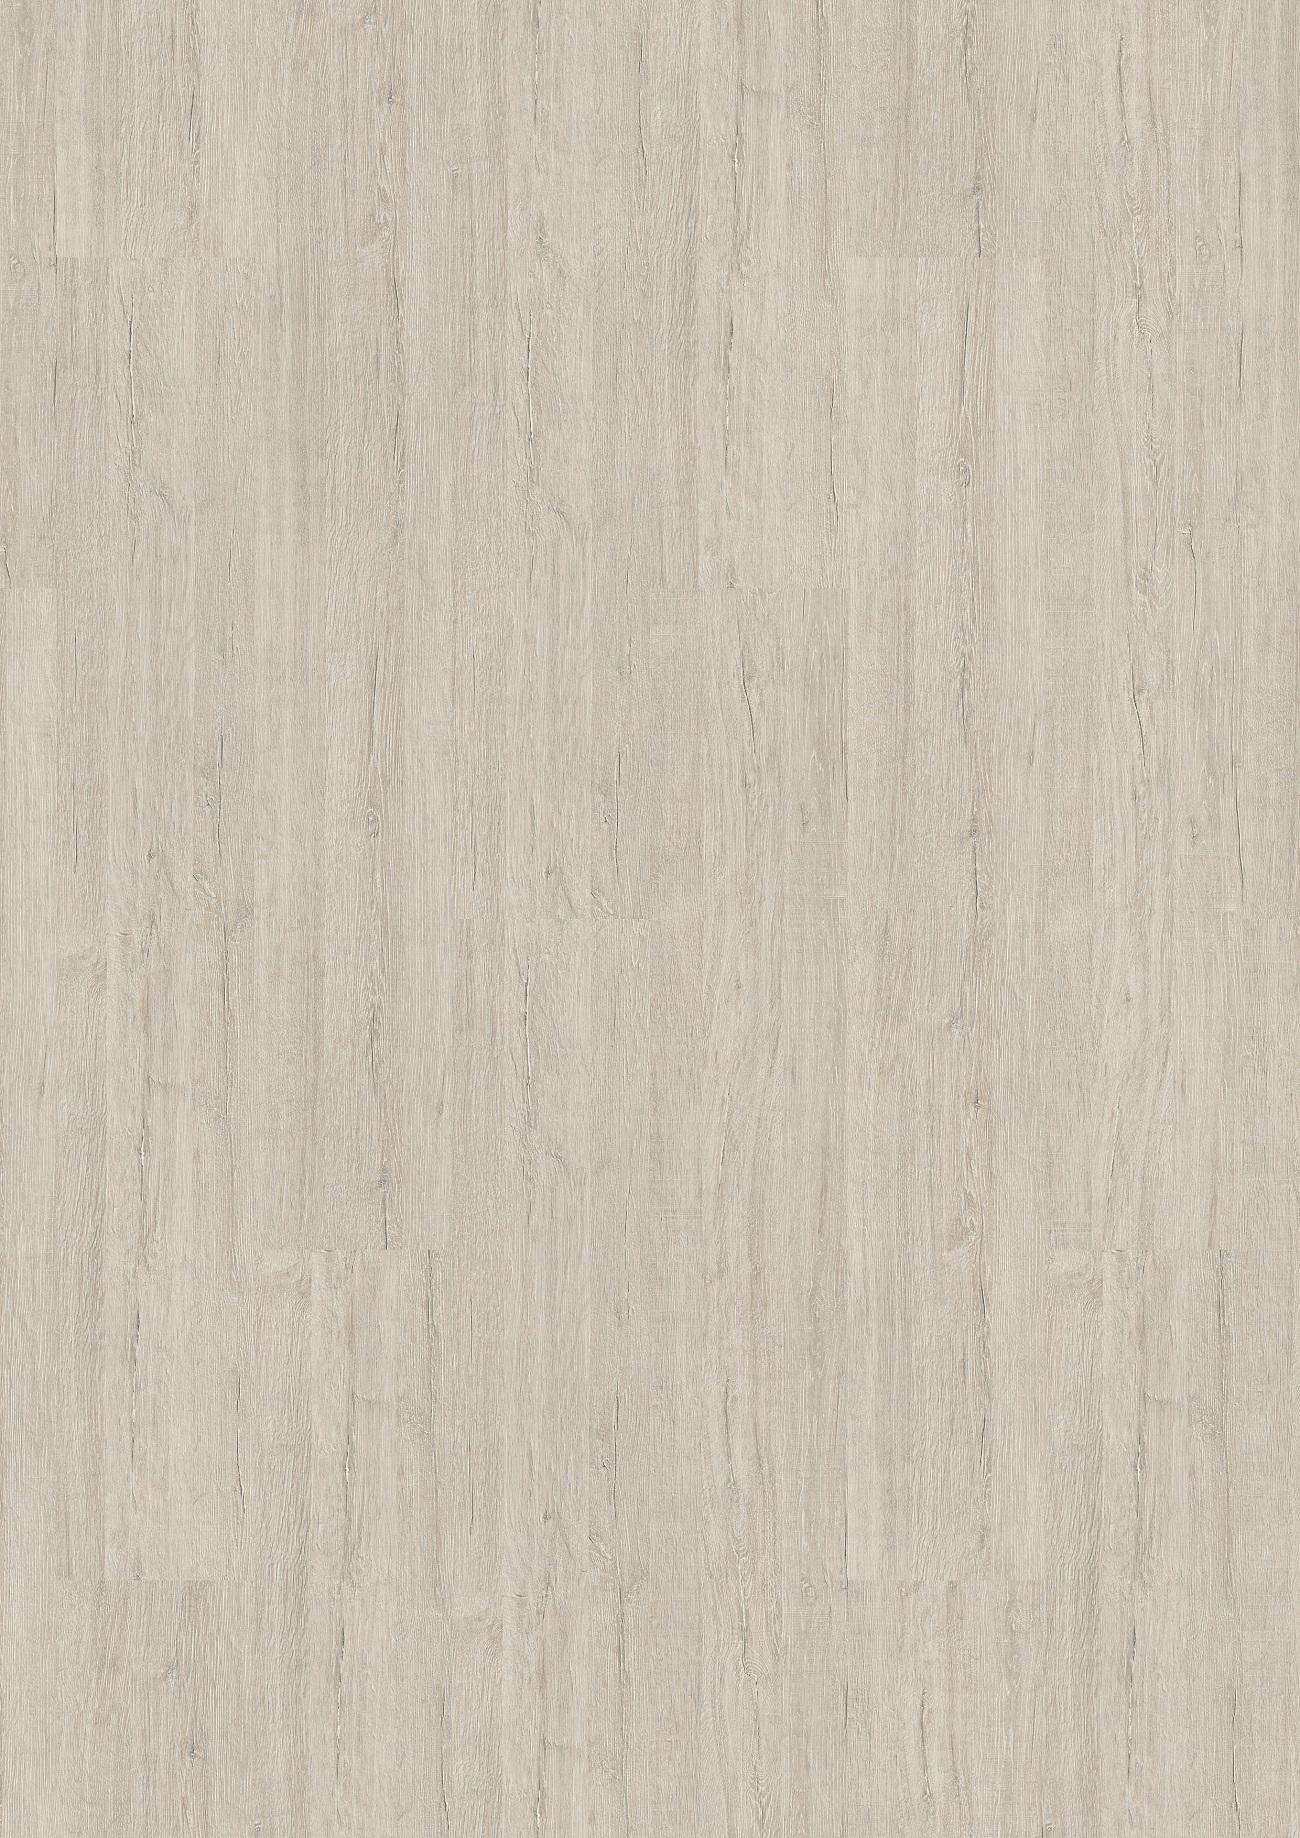 Joka - Laminat Classic MANHATTAN 332, 1-Stab NormalDiele in 8mm Eiche whiteline